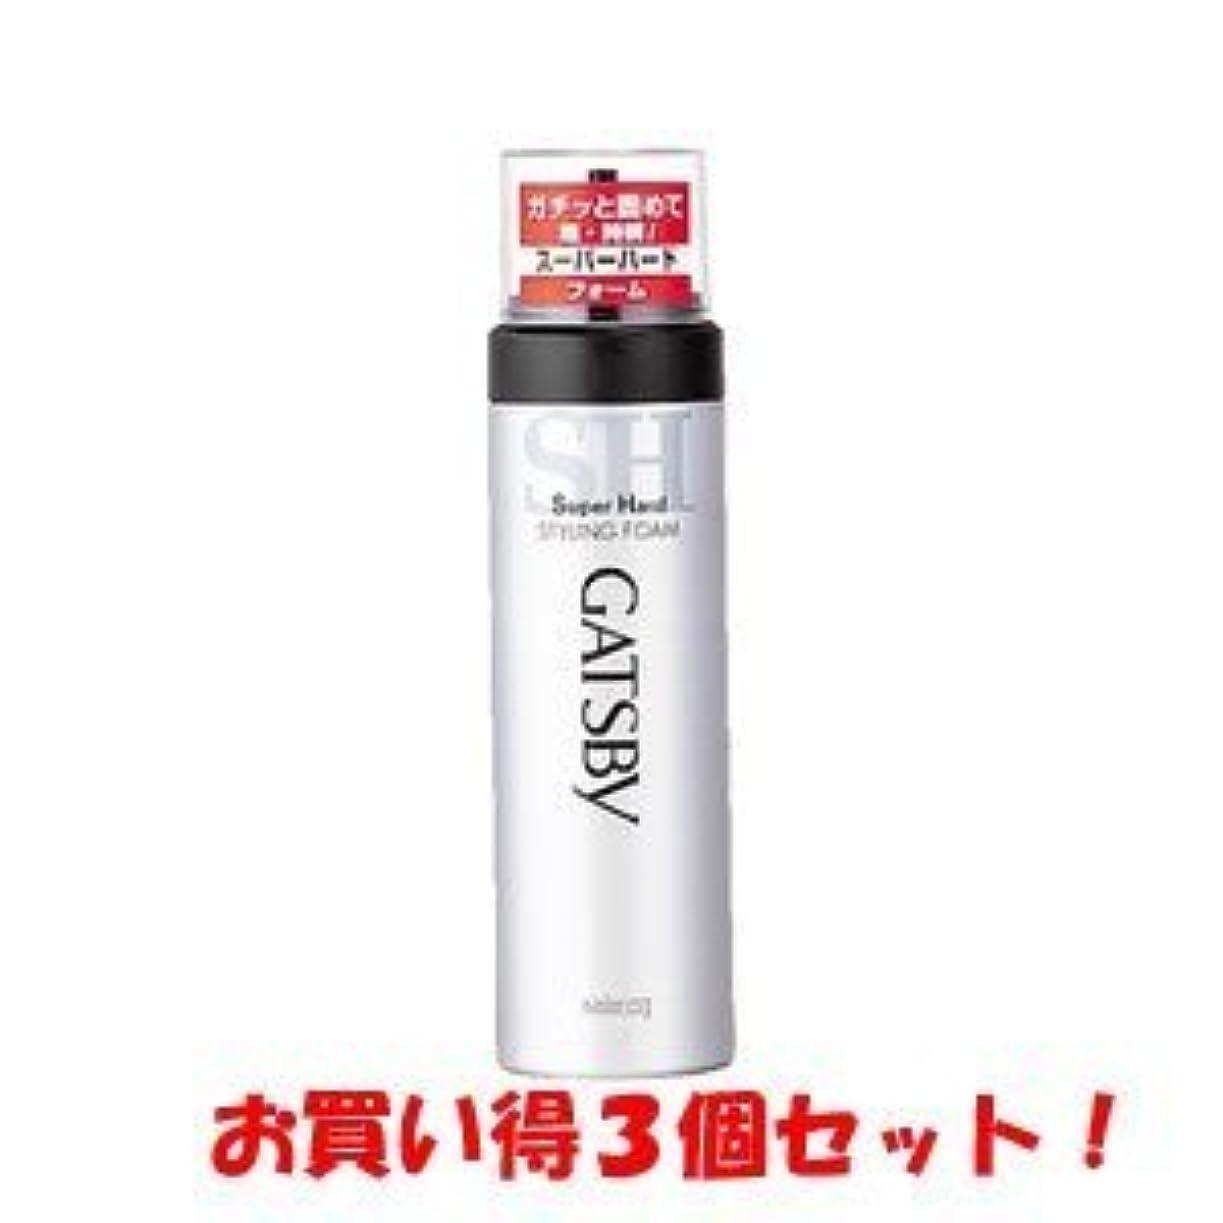 甘美な羊の羽ギャツビー【GATSBY】スタイリングフォーム スーパーハード 185g(お買い得3個セット)